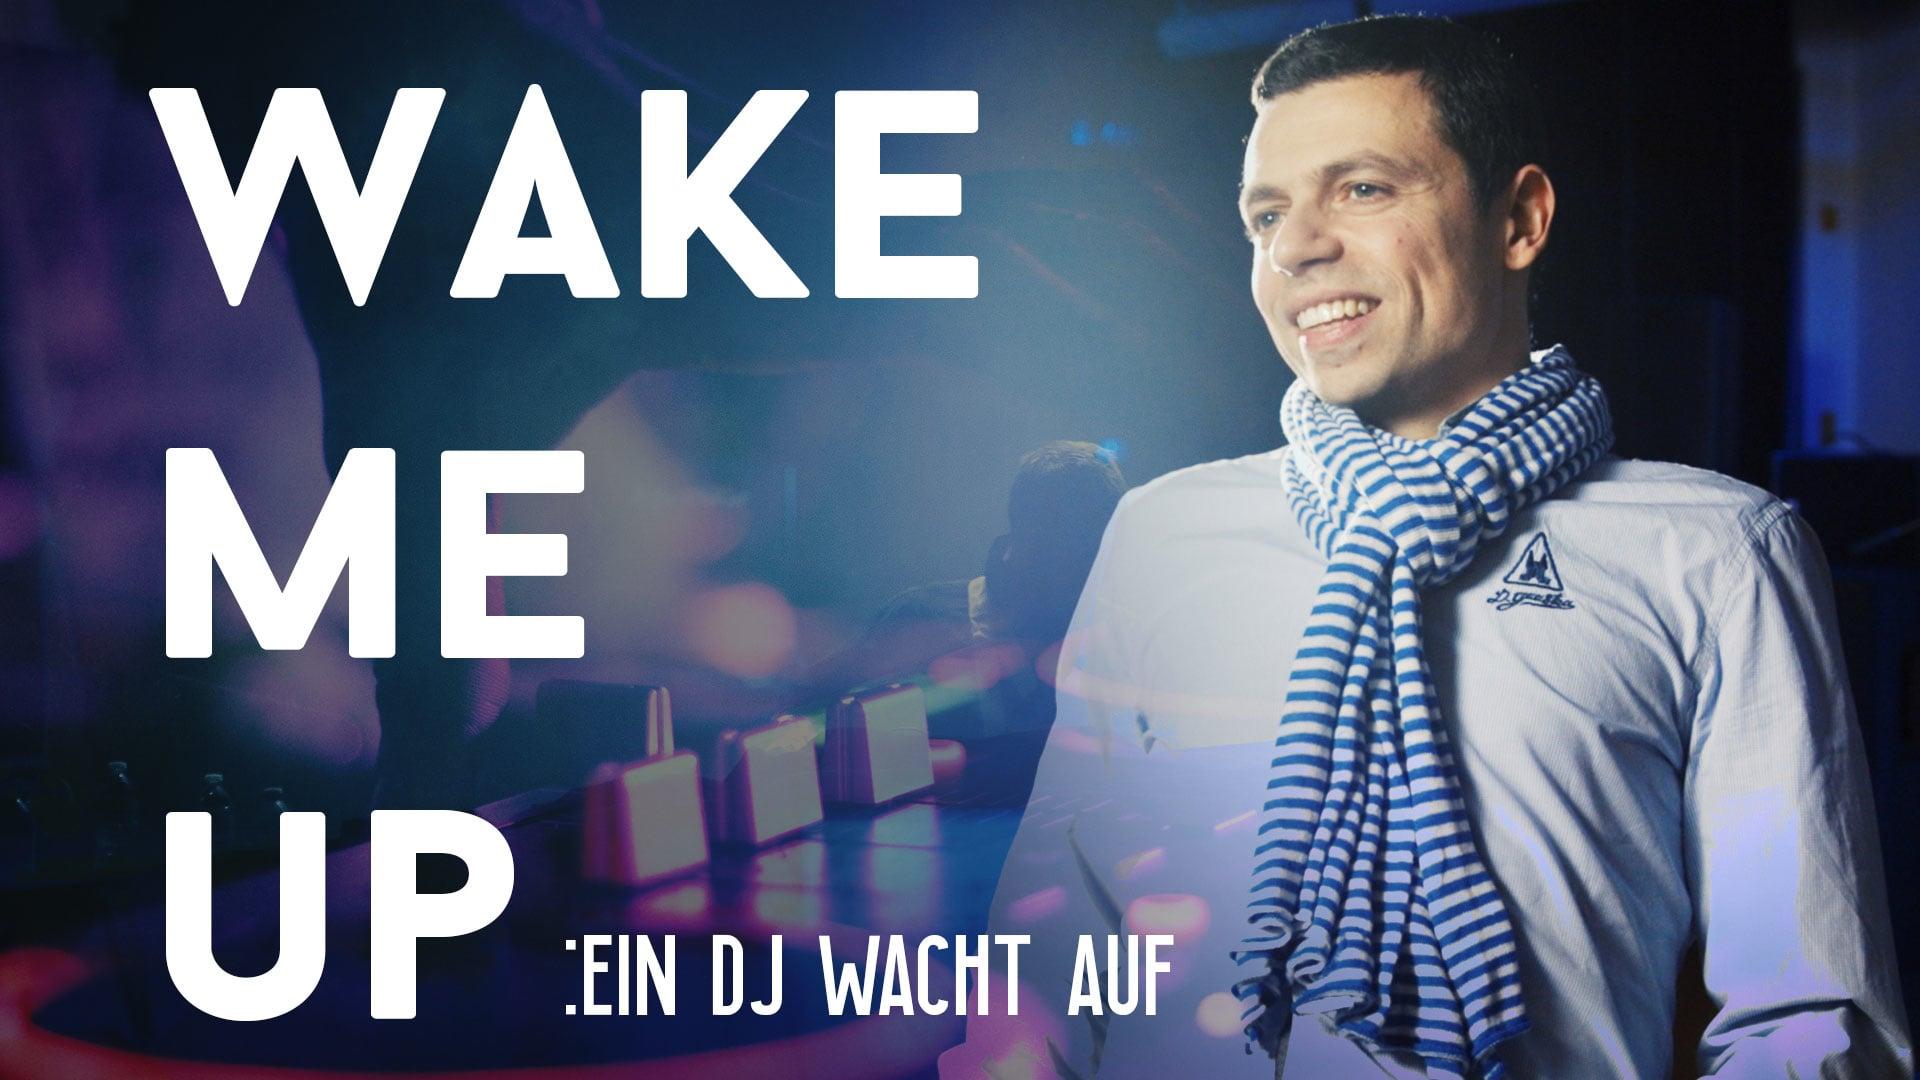 Wake Me Up: Ein DJ wacht auf